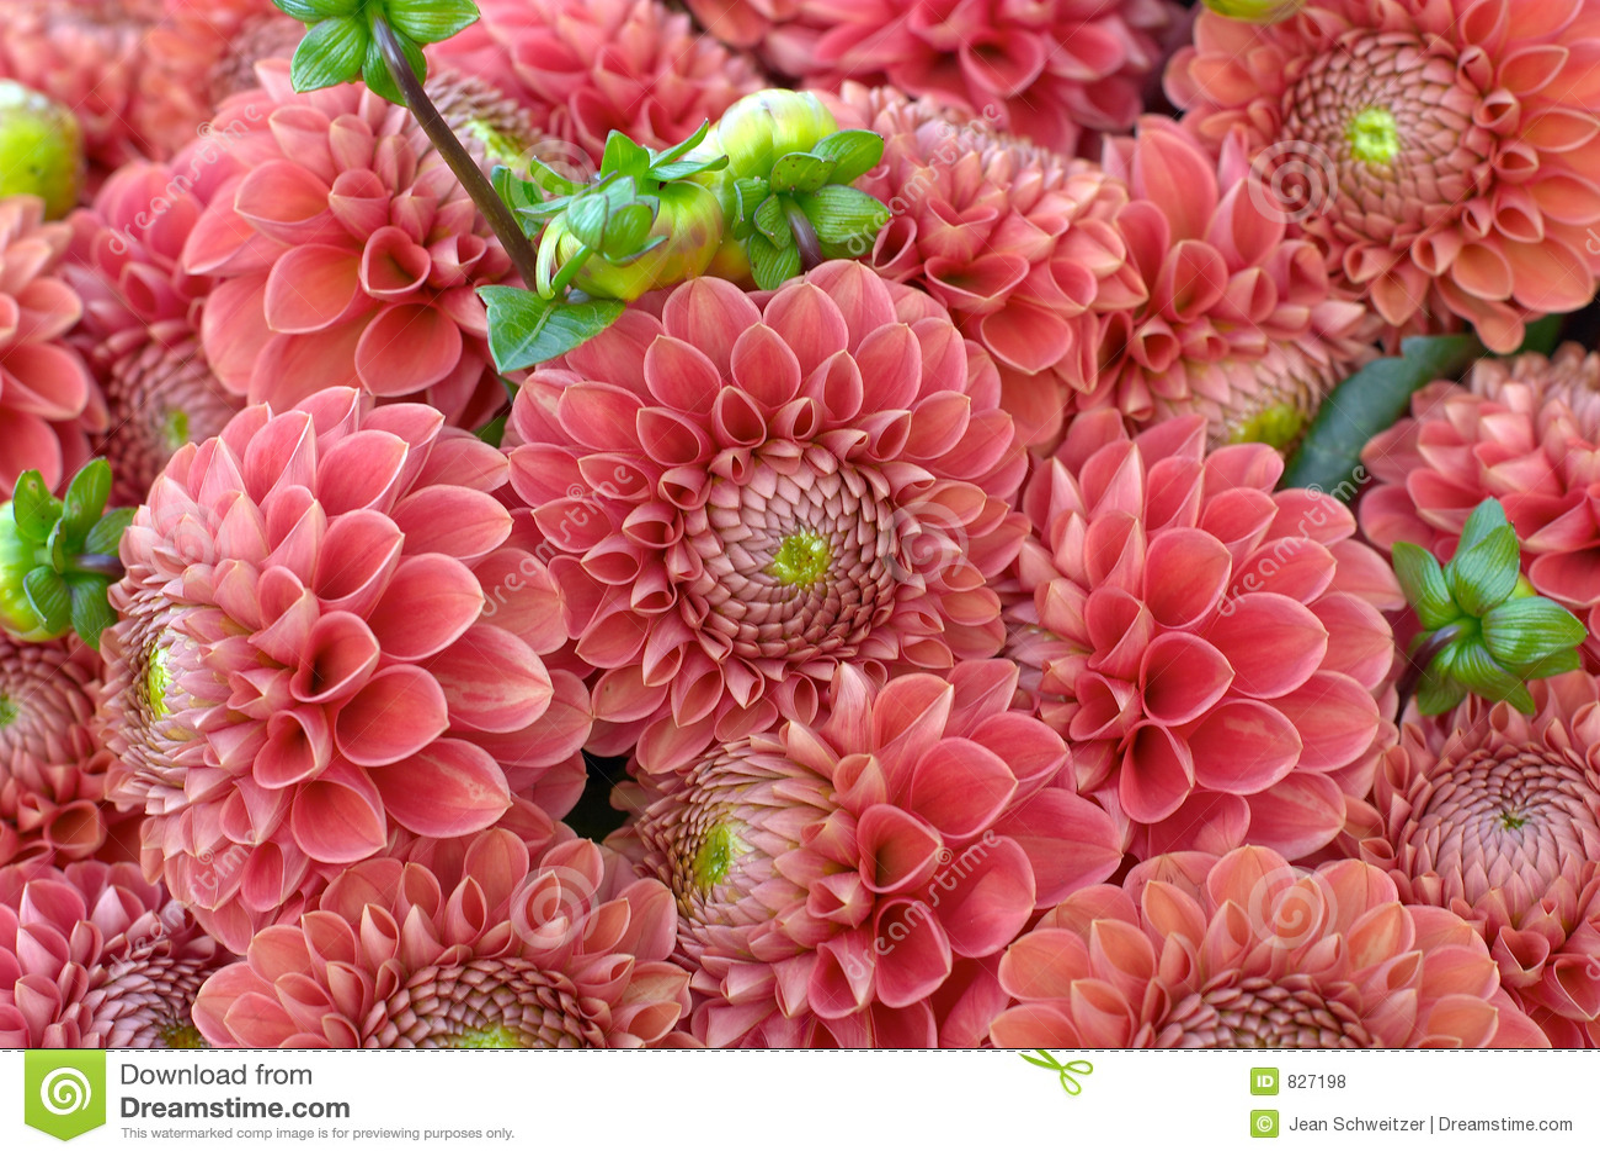 Dahlia flower closeup